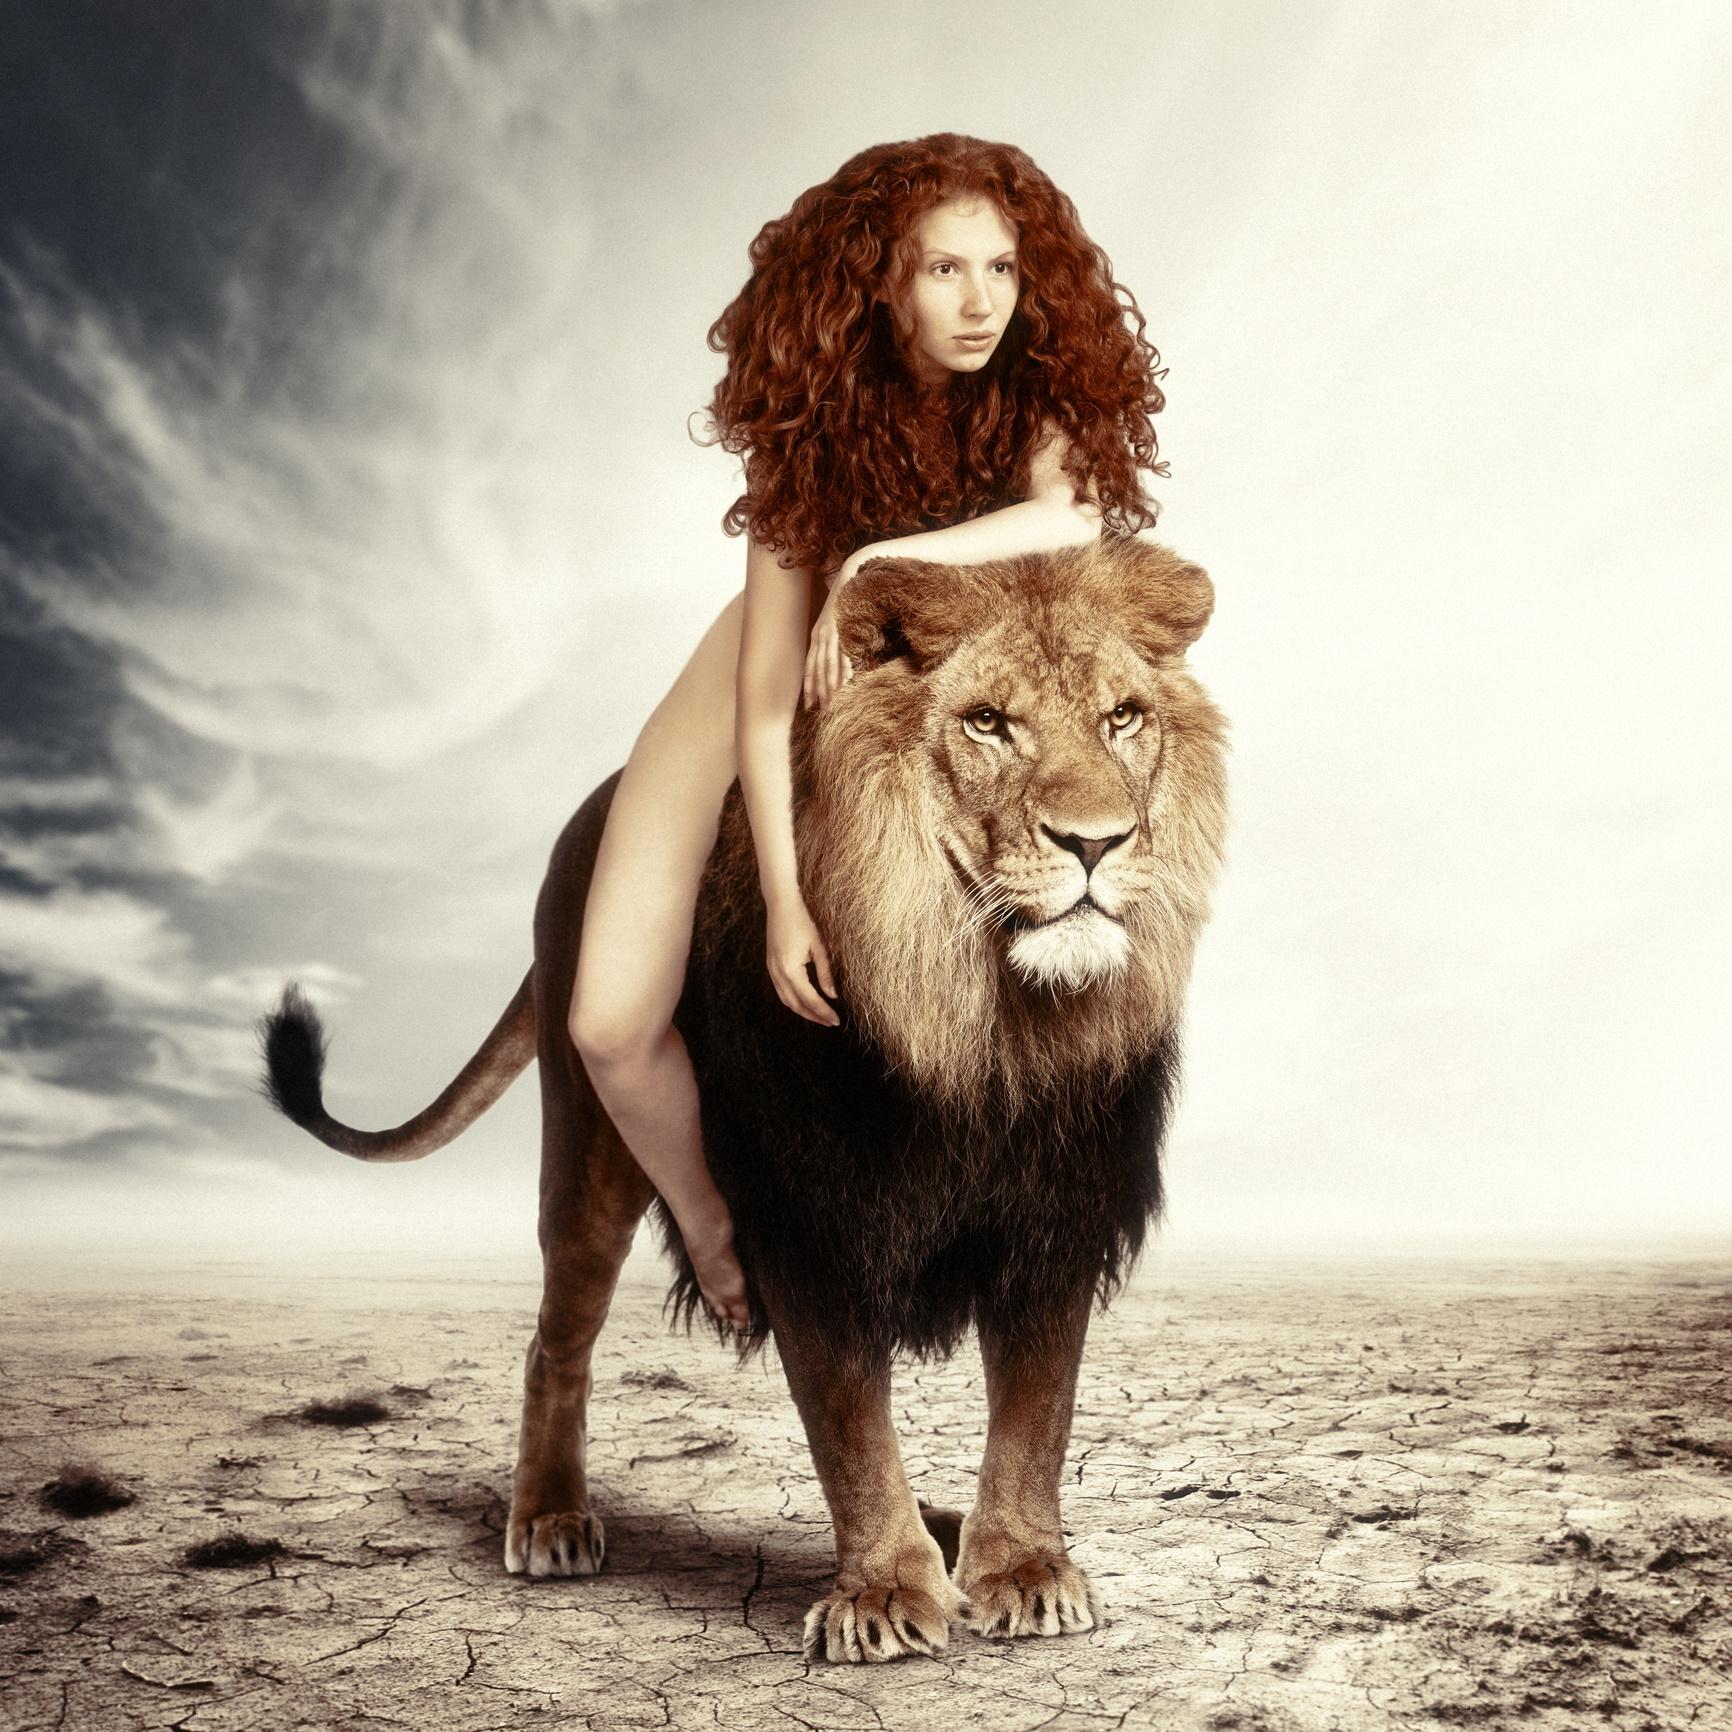 <p><strong>Лъв</strong><br /> <u>Кокос:</u> Той помага на Лъва да остане спокоен и търпелив. Плодът съдейства на представителите на този зодиакален знак да покажат и артистичната си страна.</p>